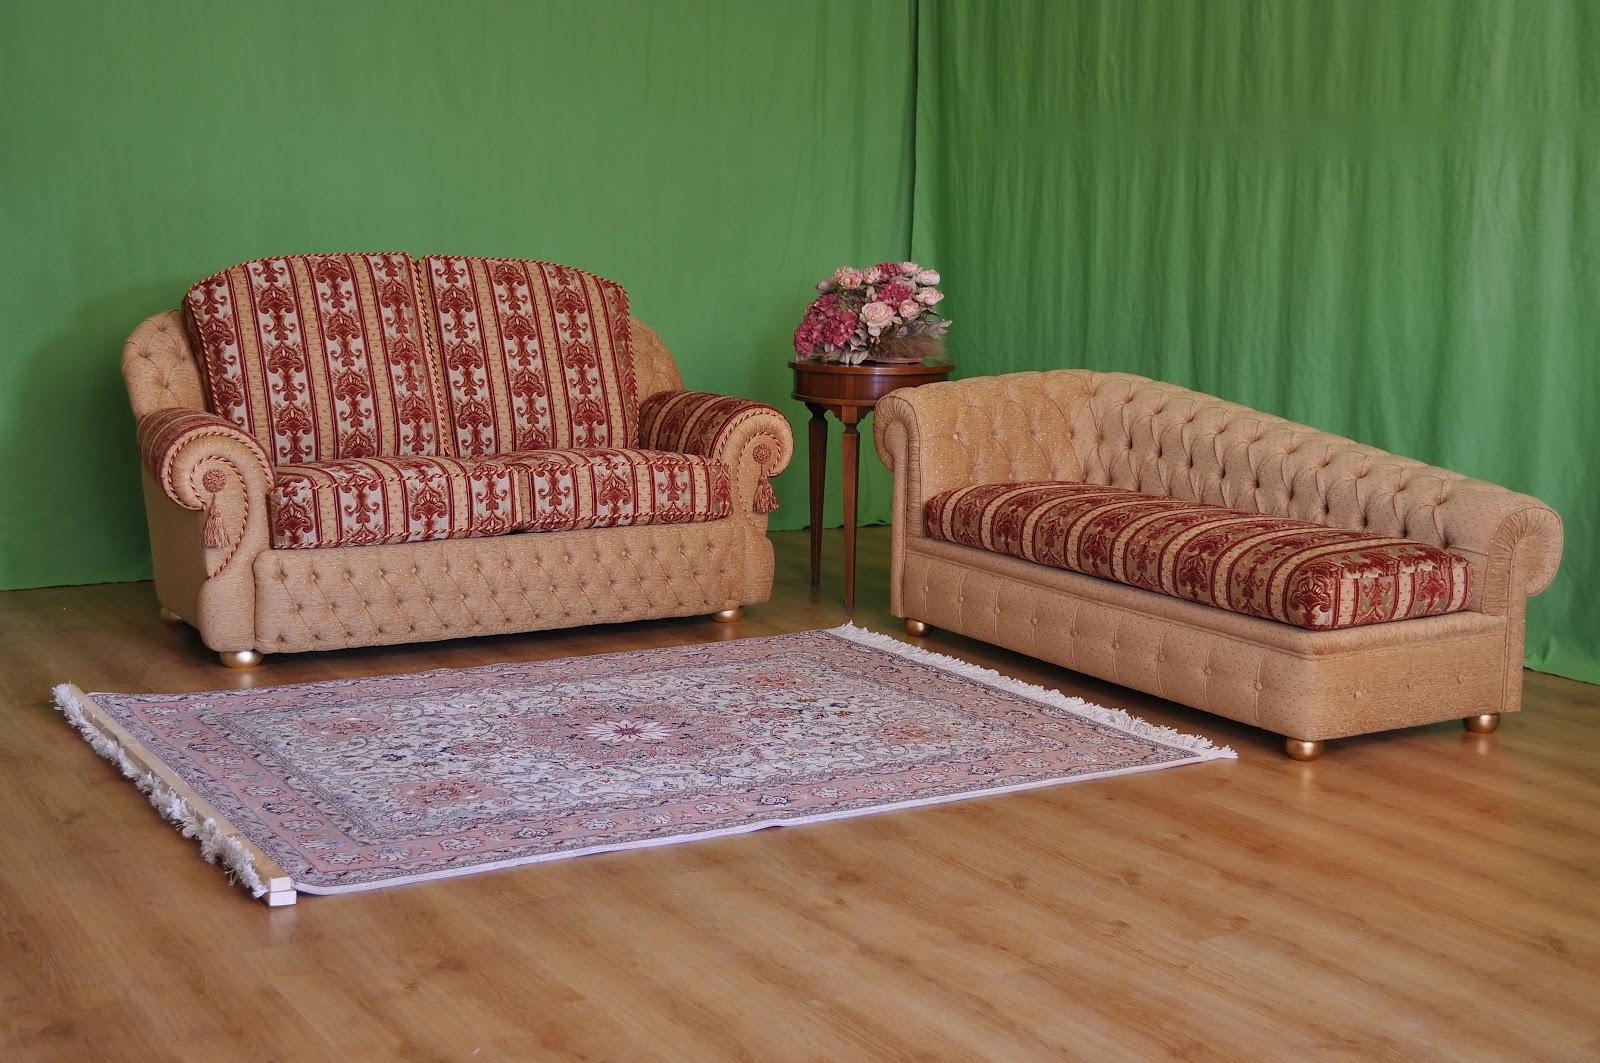 Vama divani blog la dormeuse per un soggiorno classico for Divani per soggiorno